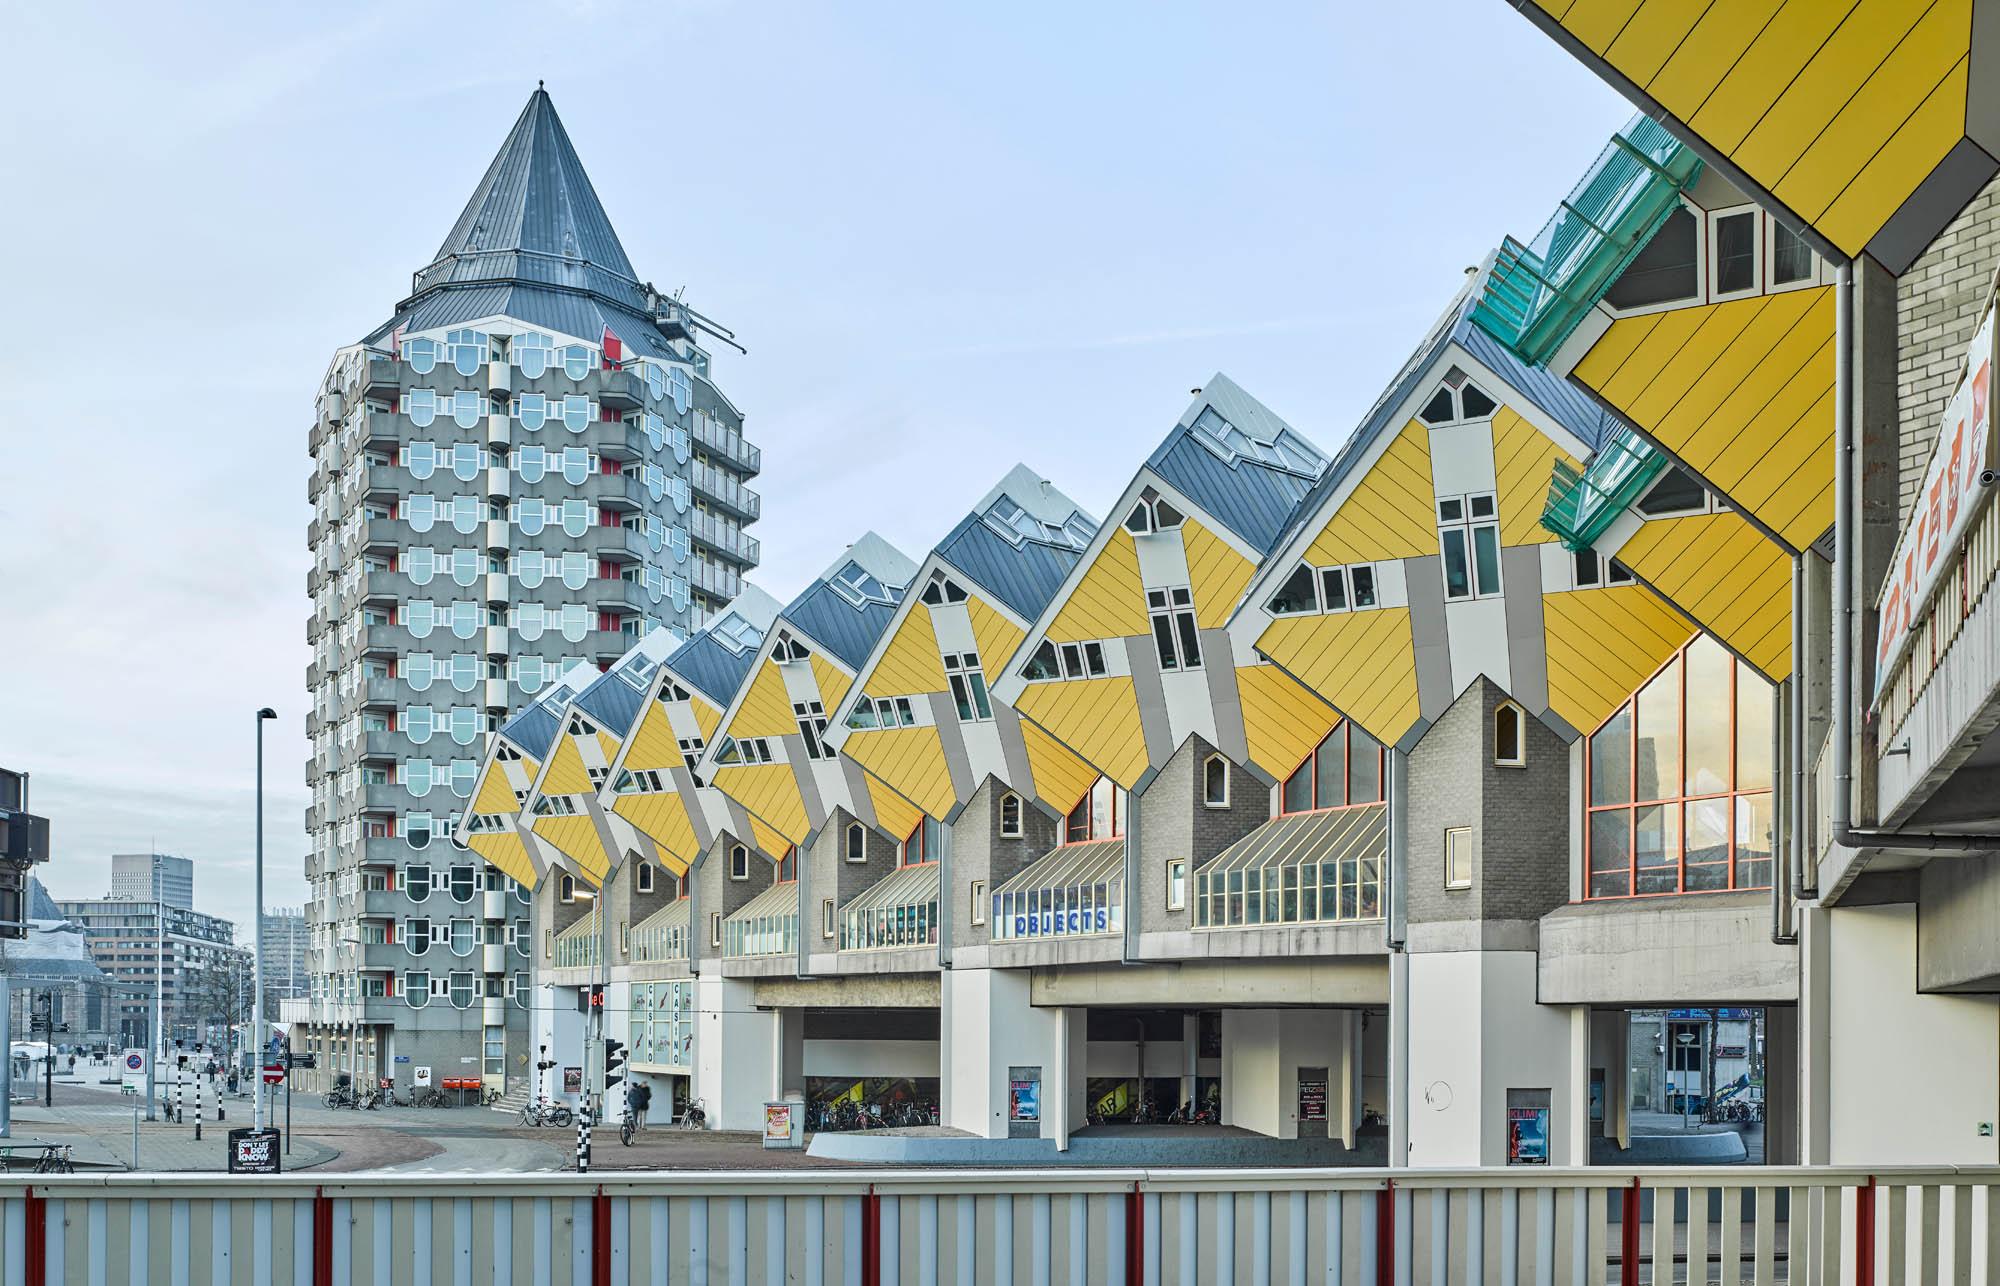 Opp 004876 - Rotterdam: Spielwiese verrückter Architektur von Weltruf